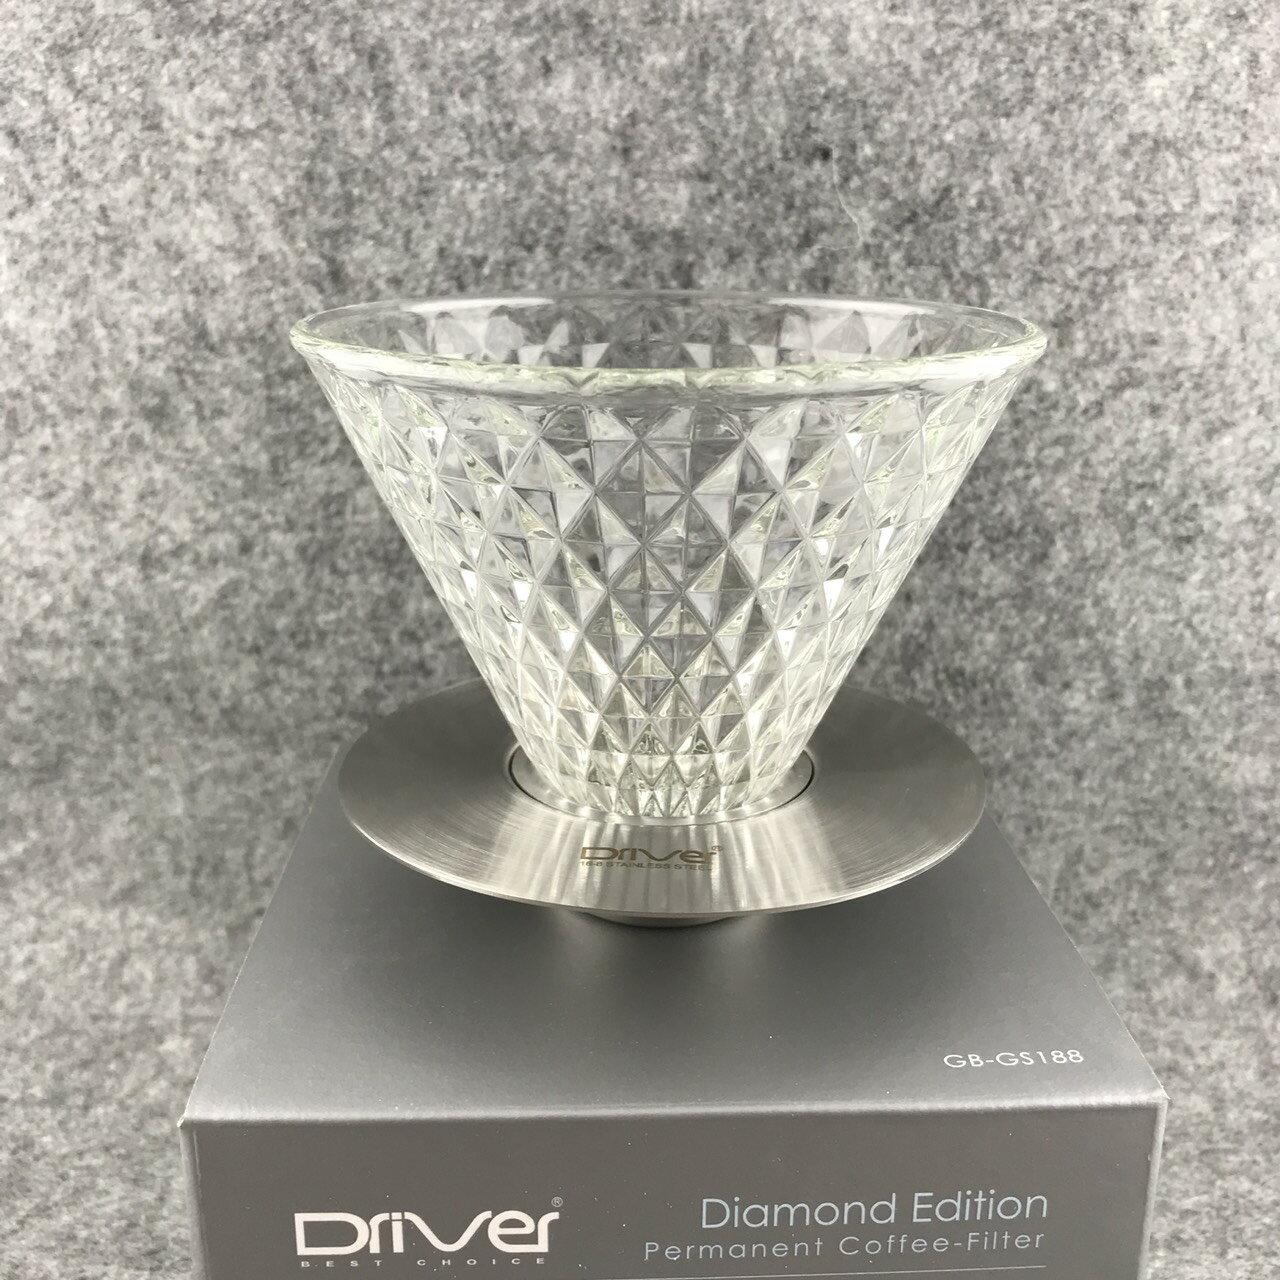 【沐湛咖啡】 DRIVER V60 新質感玻璃 鑽石濾杯 可拆式 1~4人份 現貨 贈錐形濾紙100入一包